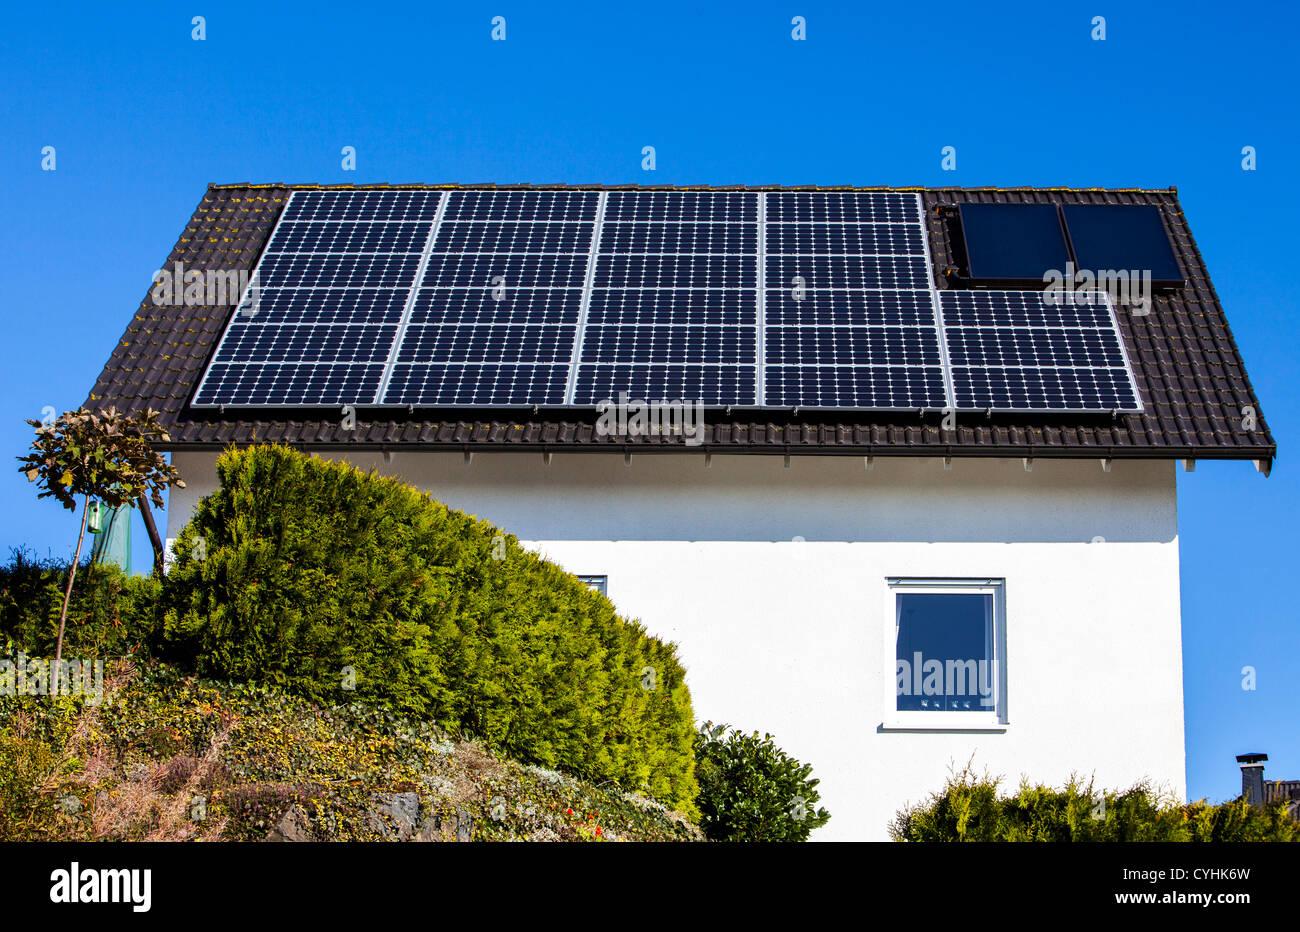 Pannelli solari sul tetto di case private energia solare for Pannelli solari immagini